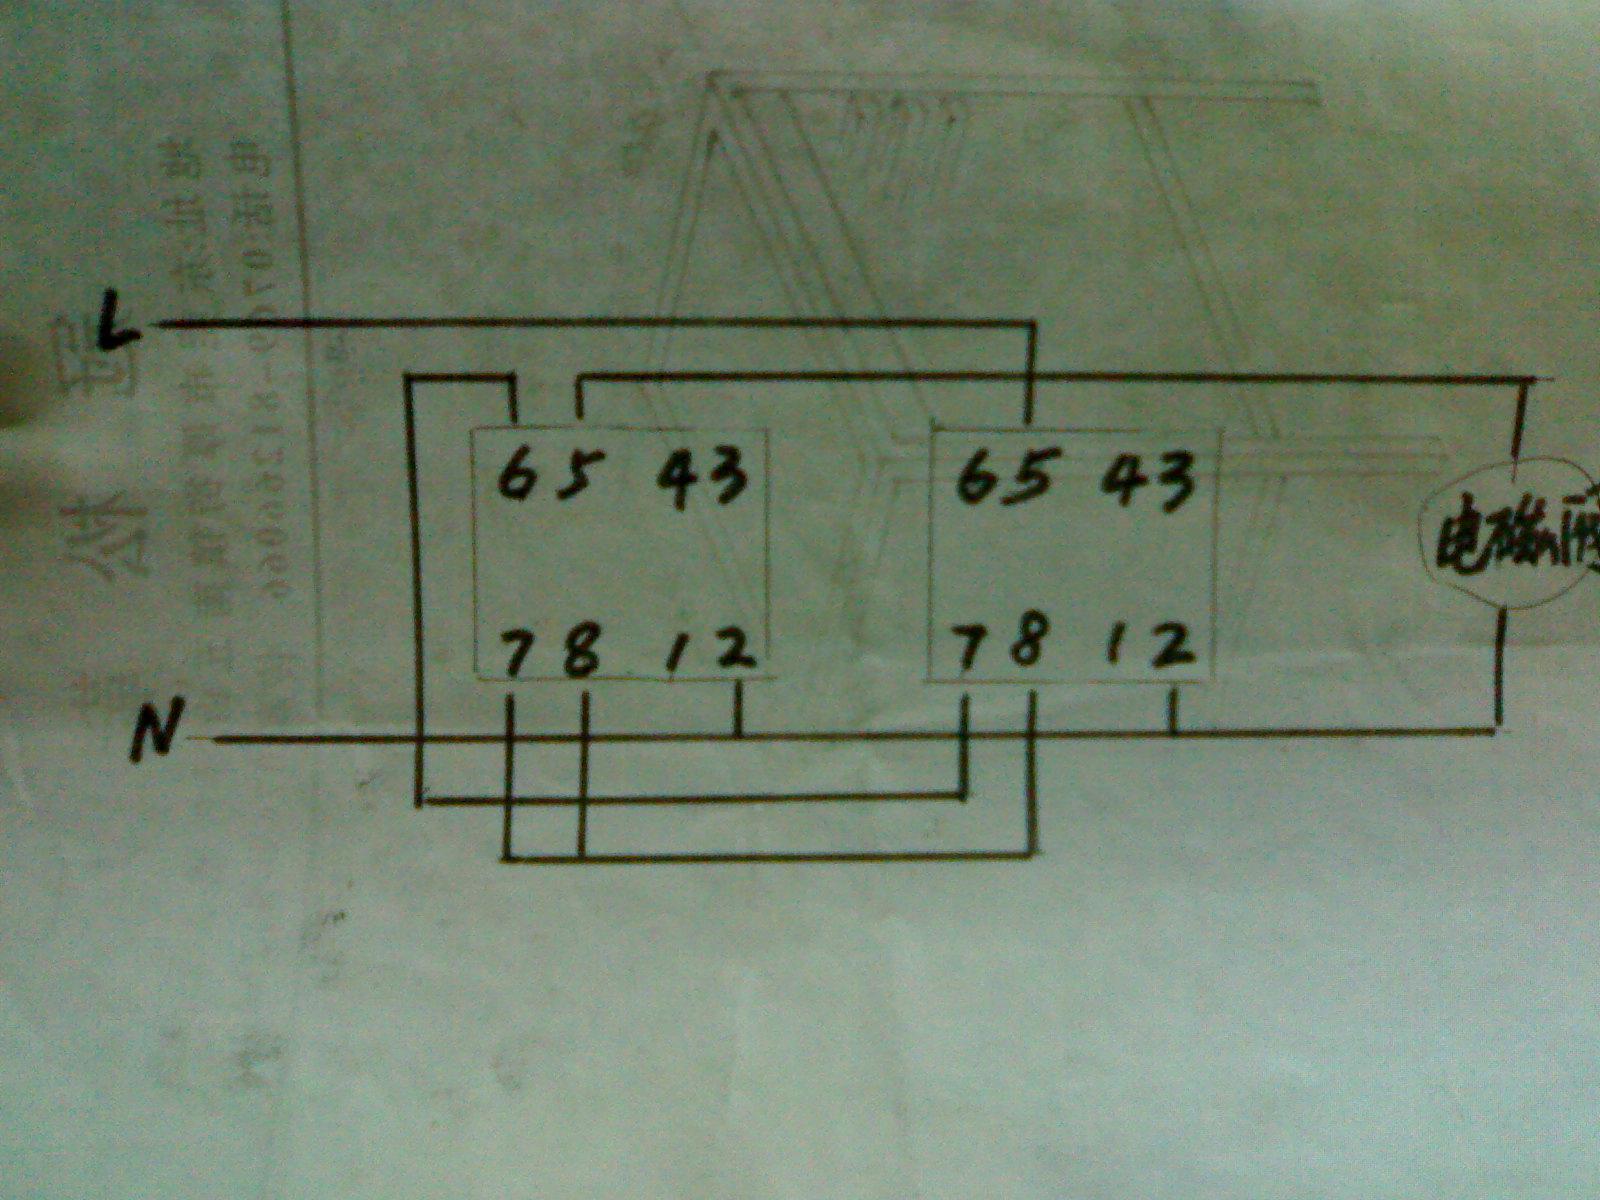 ah3-3时间继电器及电池气阀控制一个气缸来回自动循环工作应如何接线?图片